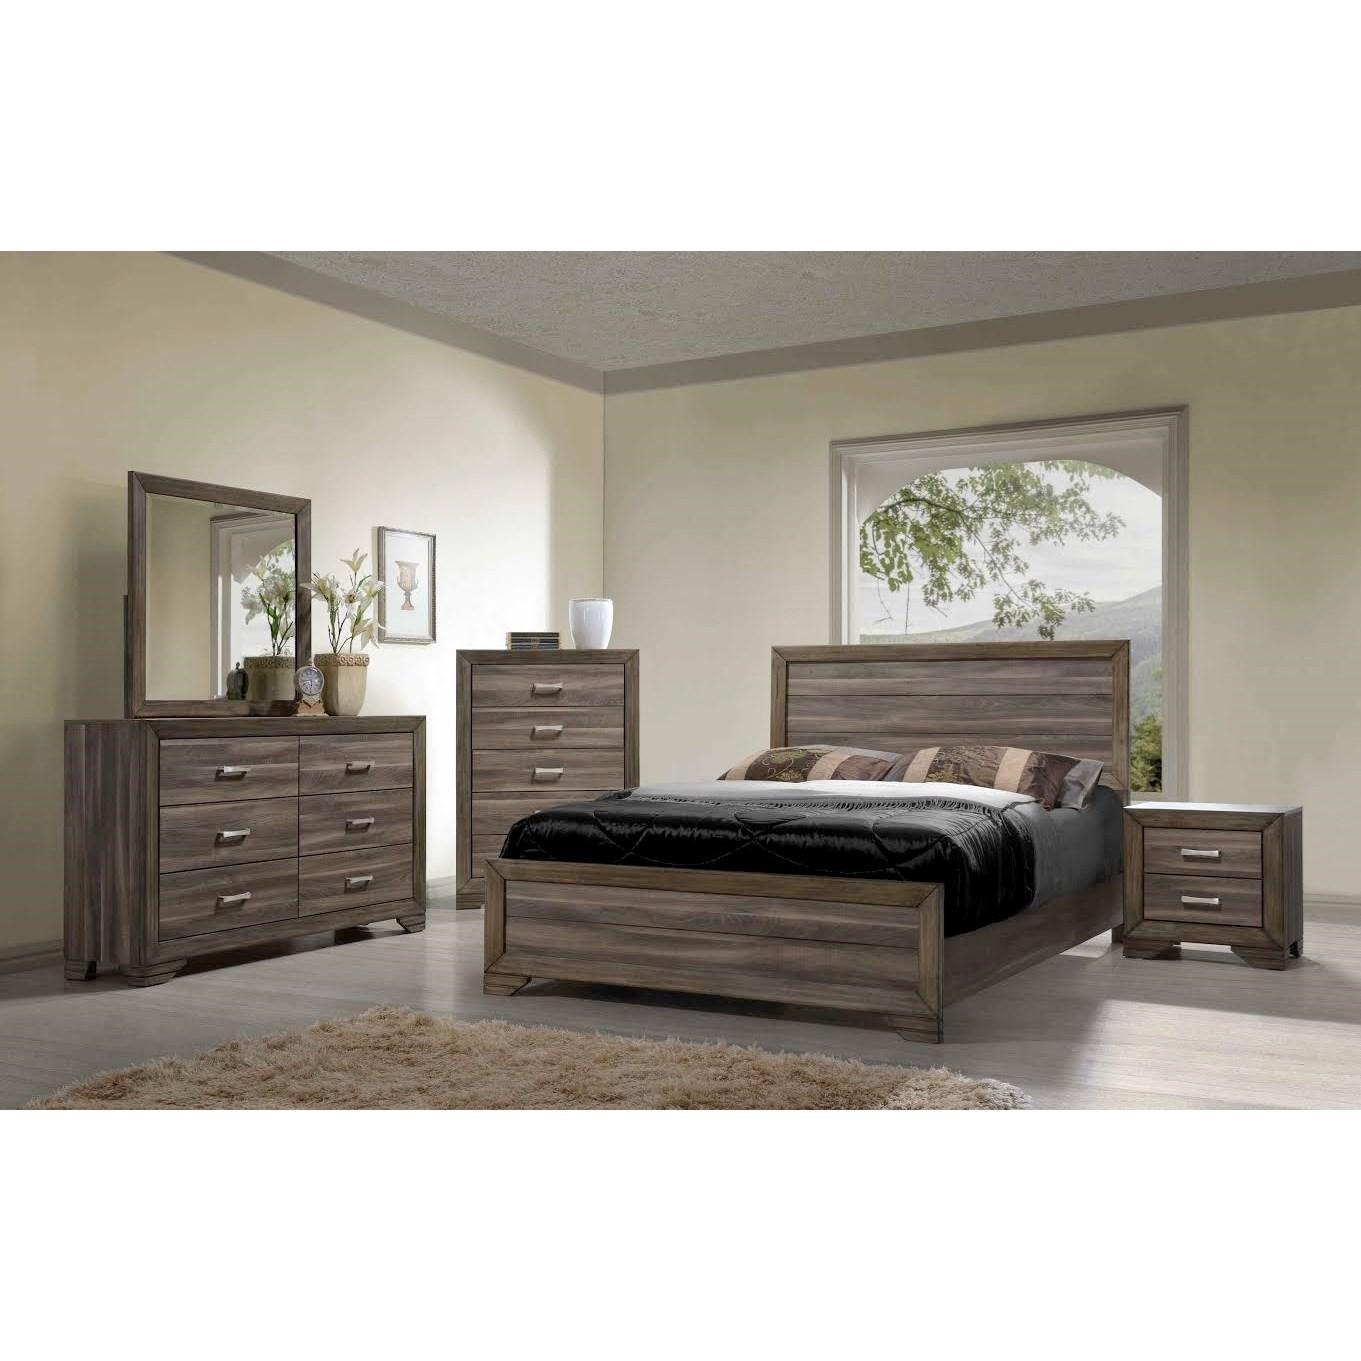 bernards asheville queen bedroom group wayside furniture bedroom groups